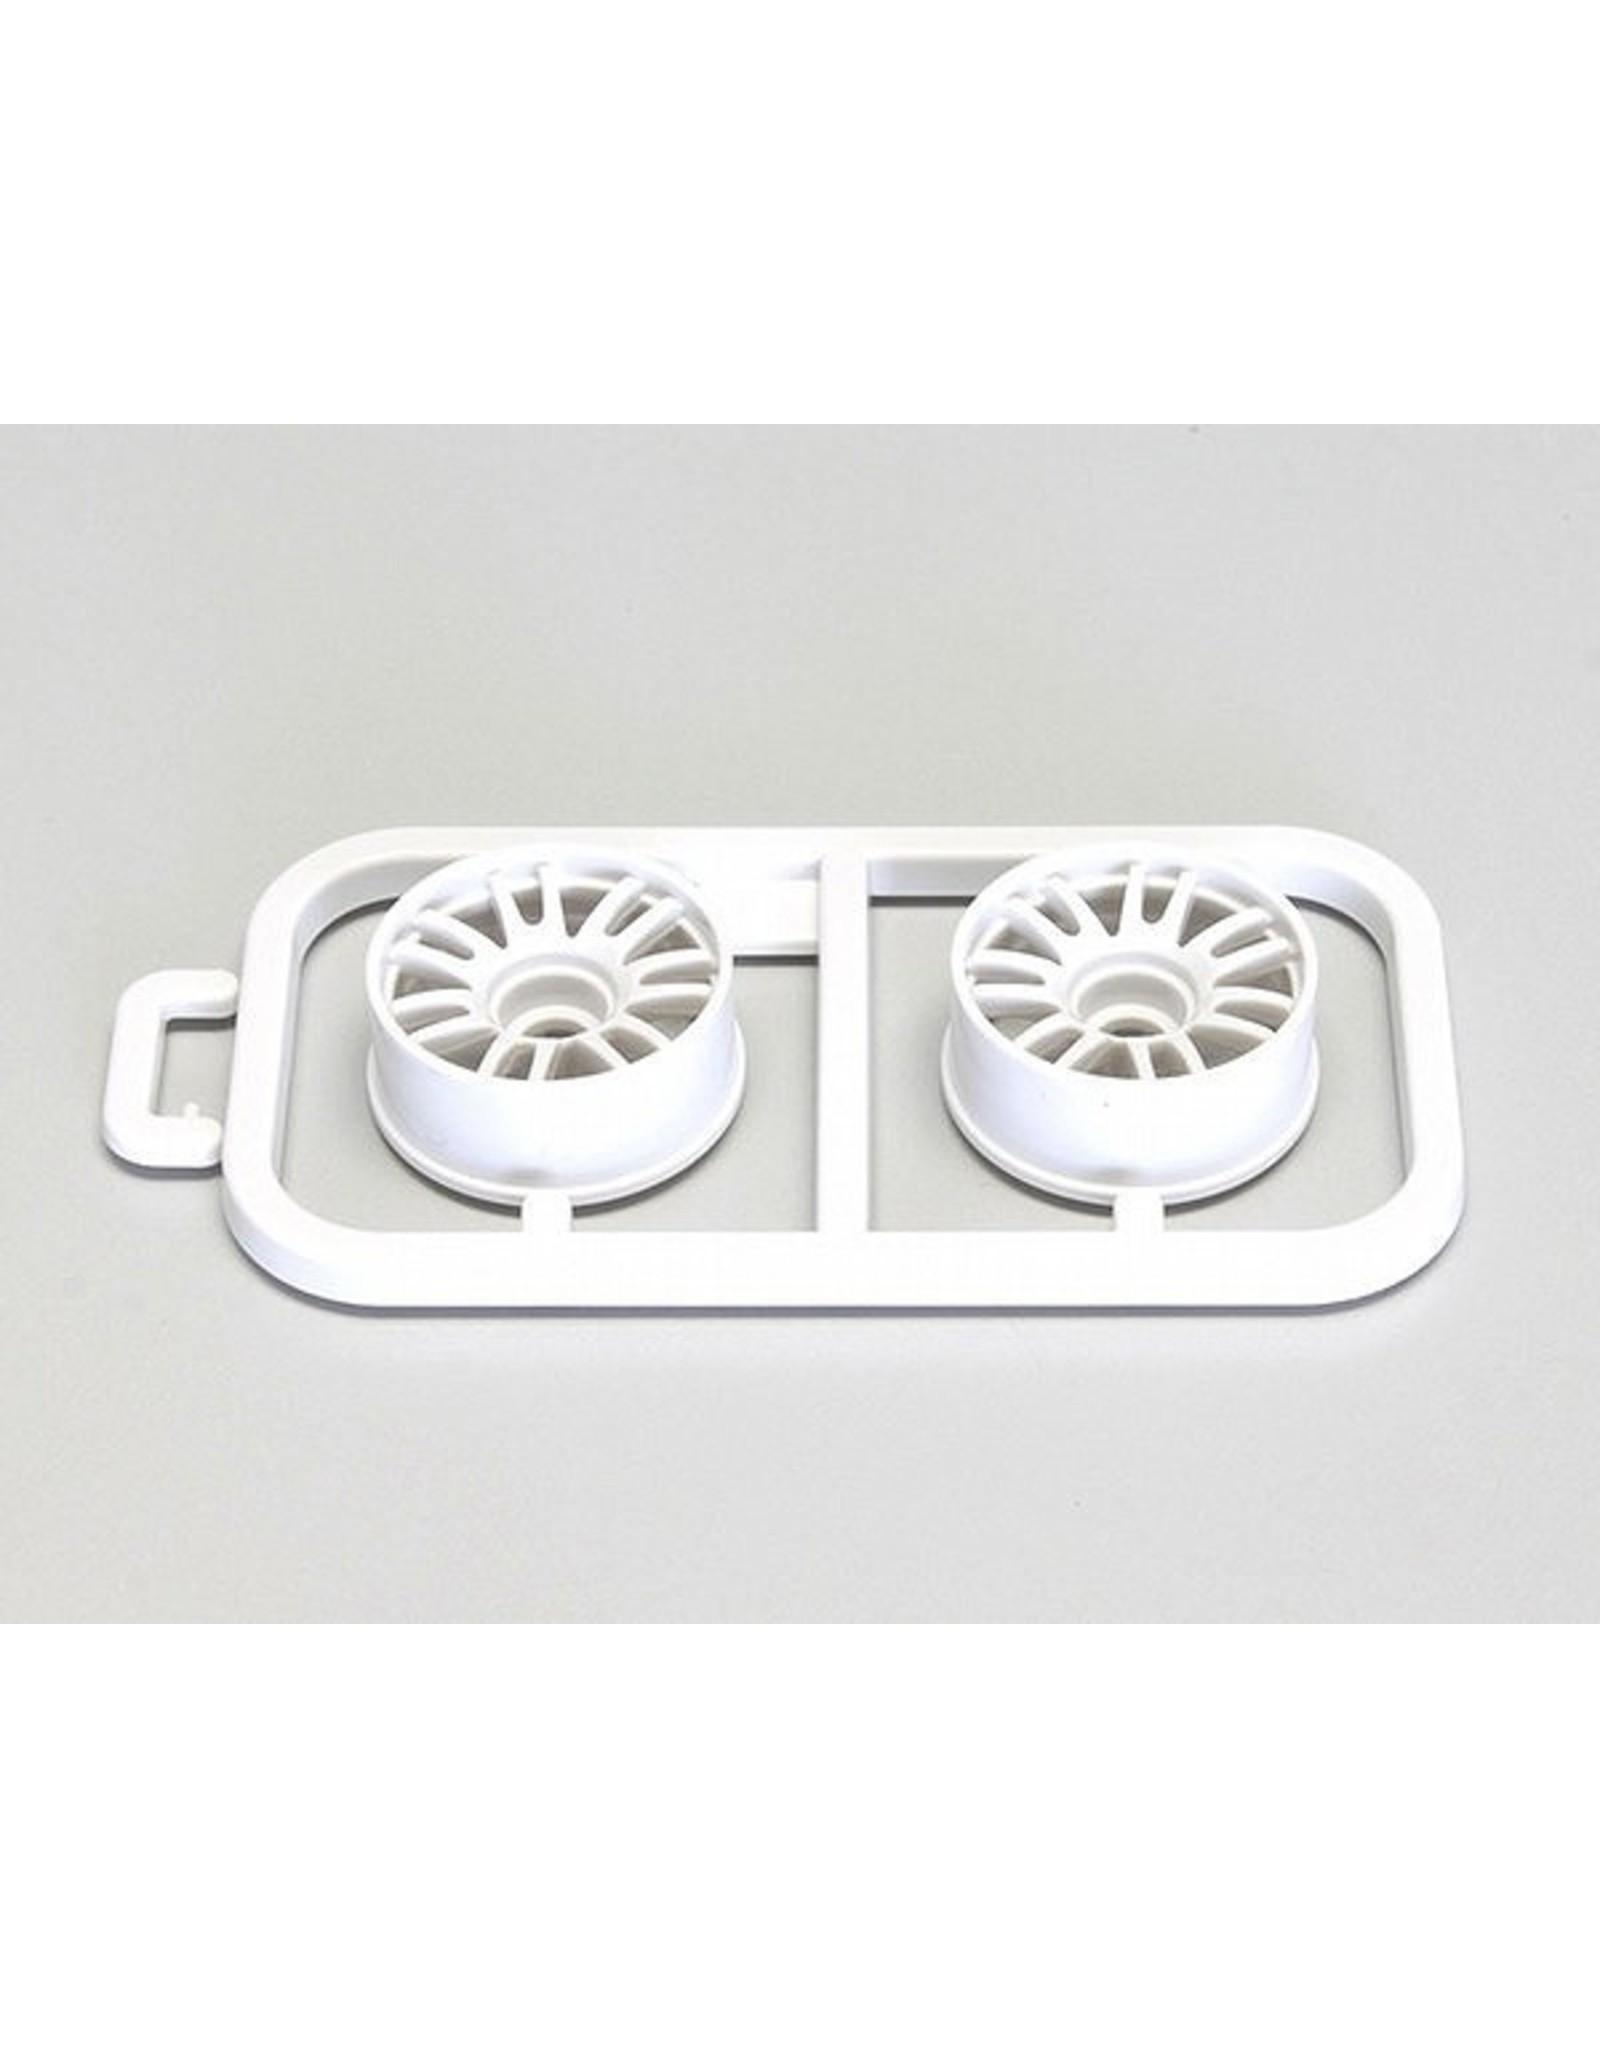 Kyosho Multi Wheel II W/Offset 1.0 (White/RE30/2pcs) (MZH131W-N1)